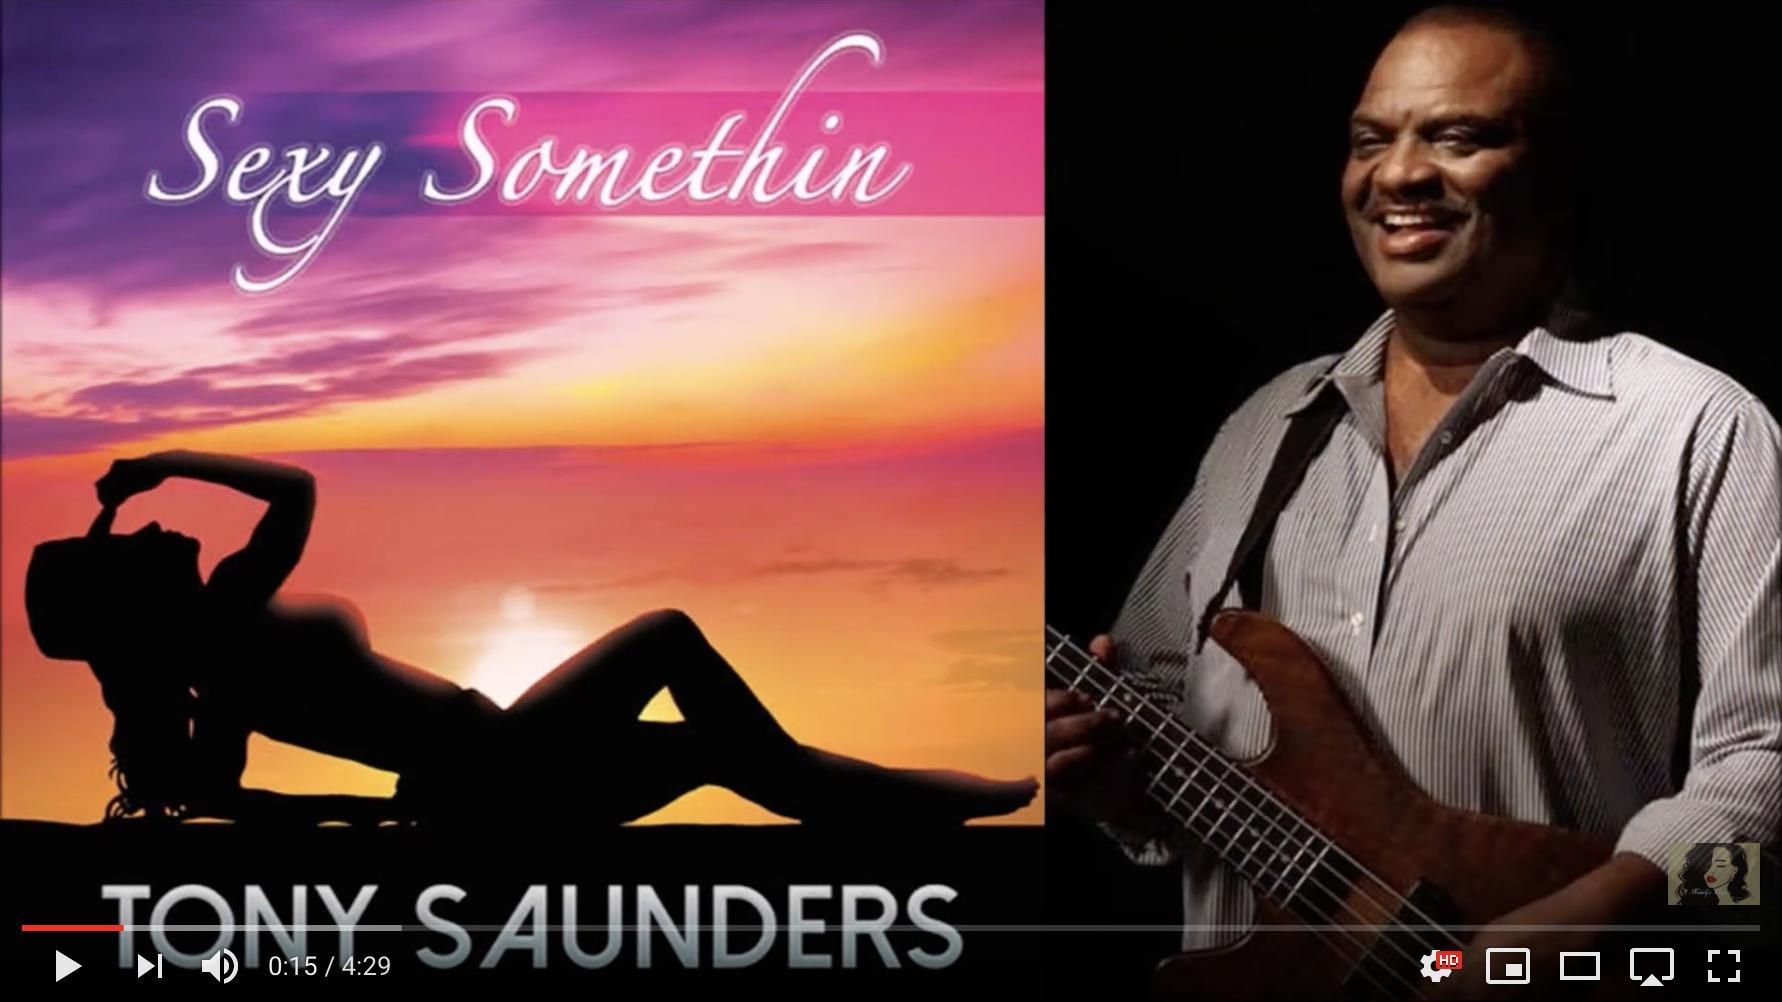 Tony Saunders - Tony's Romance